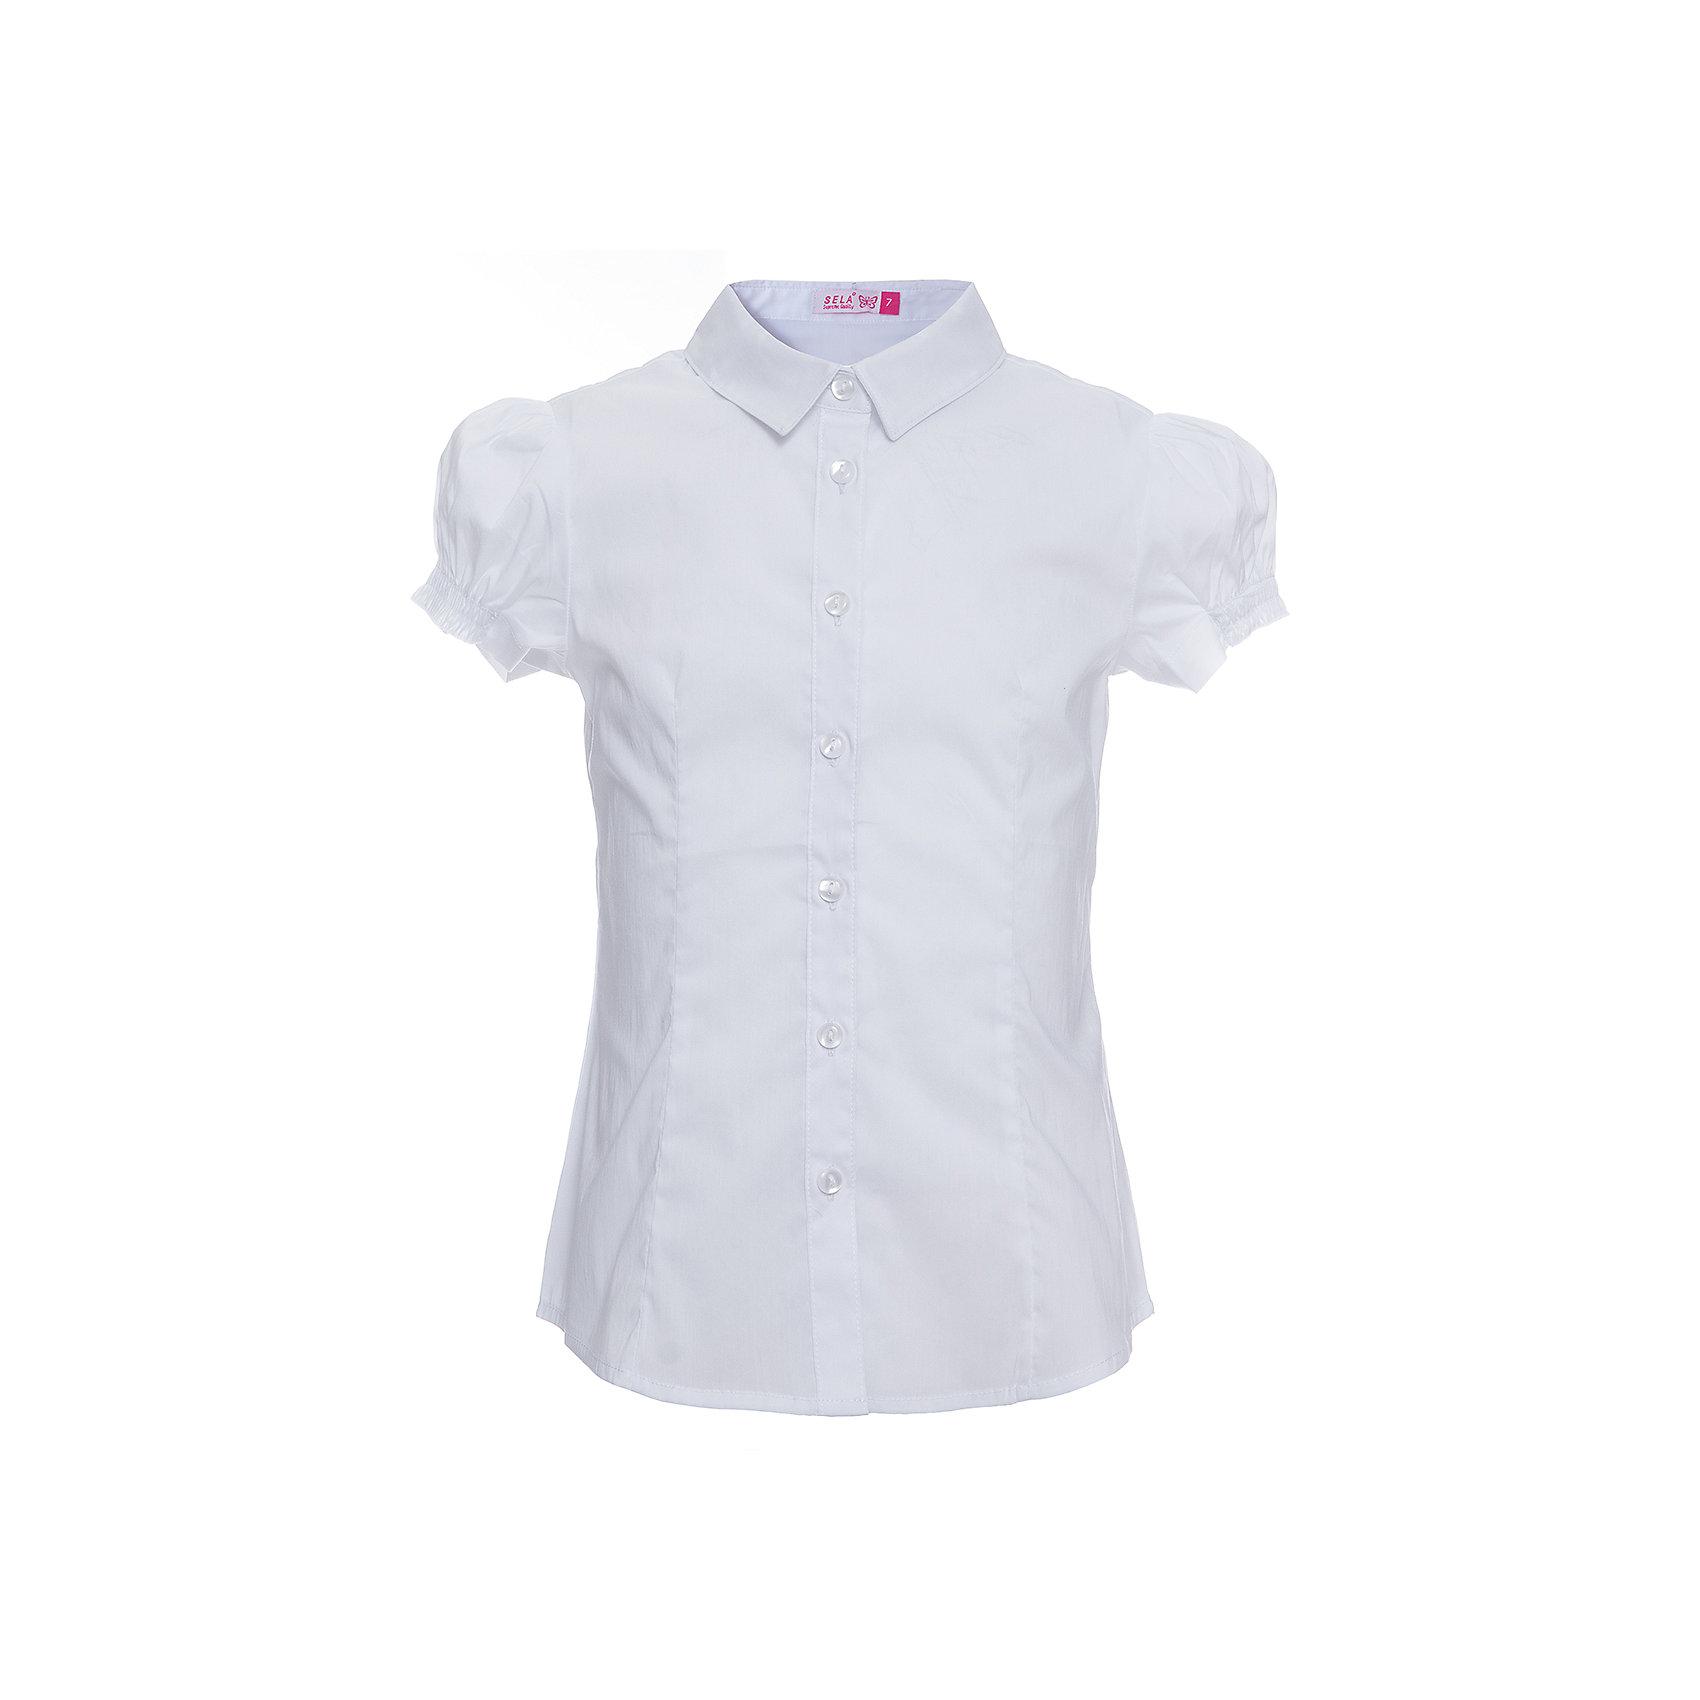 Блуза SELA для девочкиБлузки и рубашки<br>Характеристики товара:<br><br>• цвет: белый;<br>• состав: 56% хлопок, 41% нейлон, 3% эластан;<br>• сезон: демисезон;<br>• застежка: пуговицы;<br>• особенности: школьная;<br>• силуэт: А-силуэт;<br>• рукав: короткий;<br>• страна бренда: Россия;<br>• страна изготовитель: Китай.<br><br>Школьная блуза с коротким рукавом для девочки. Белая блузка застегивается на пуговицы. Манжеты рукавов на резинке.<br><br>Блузу Sela (Села) для девочки можно купить в нашем интернет-магазине.<br><br>Ширина мм: 186<br>Глубина мм: 87<br>Высота мм: 198<br>Вес г: 197<br>Цвет: белый<br>Возраст от месяцев: 120<br>Возраст до месяцев: 132<br>Пол: Женский<br>Возраст: Детский<br>Размер: 146,152,122,128,134,140<br>SKU: 7009470